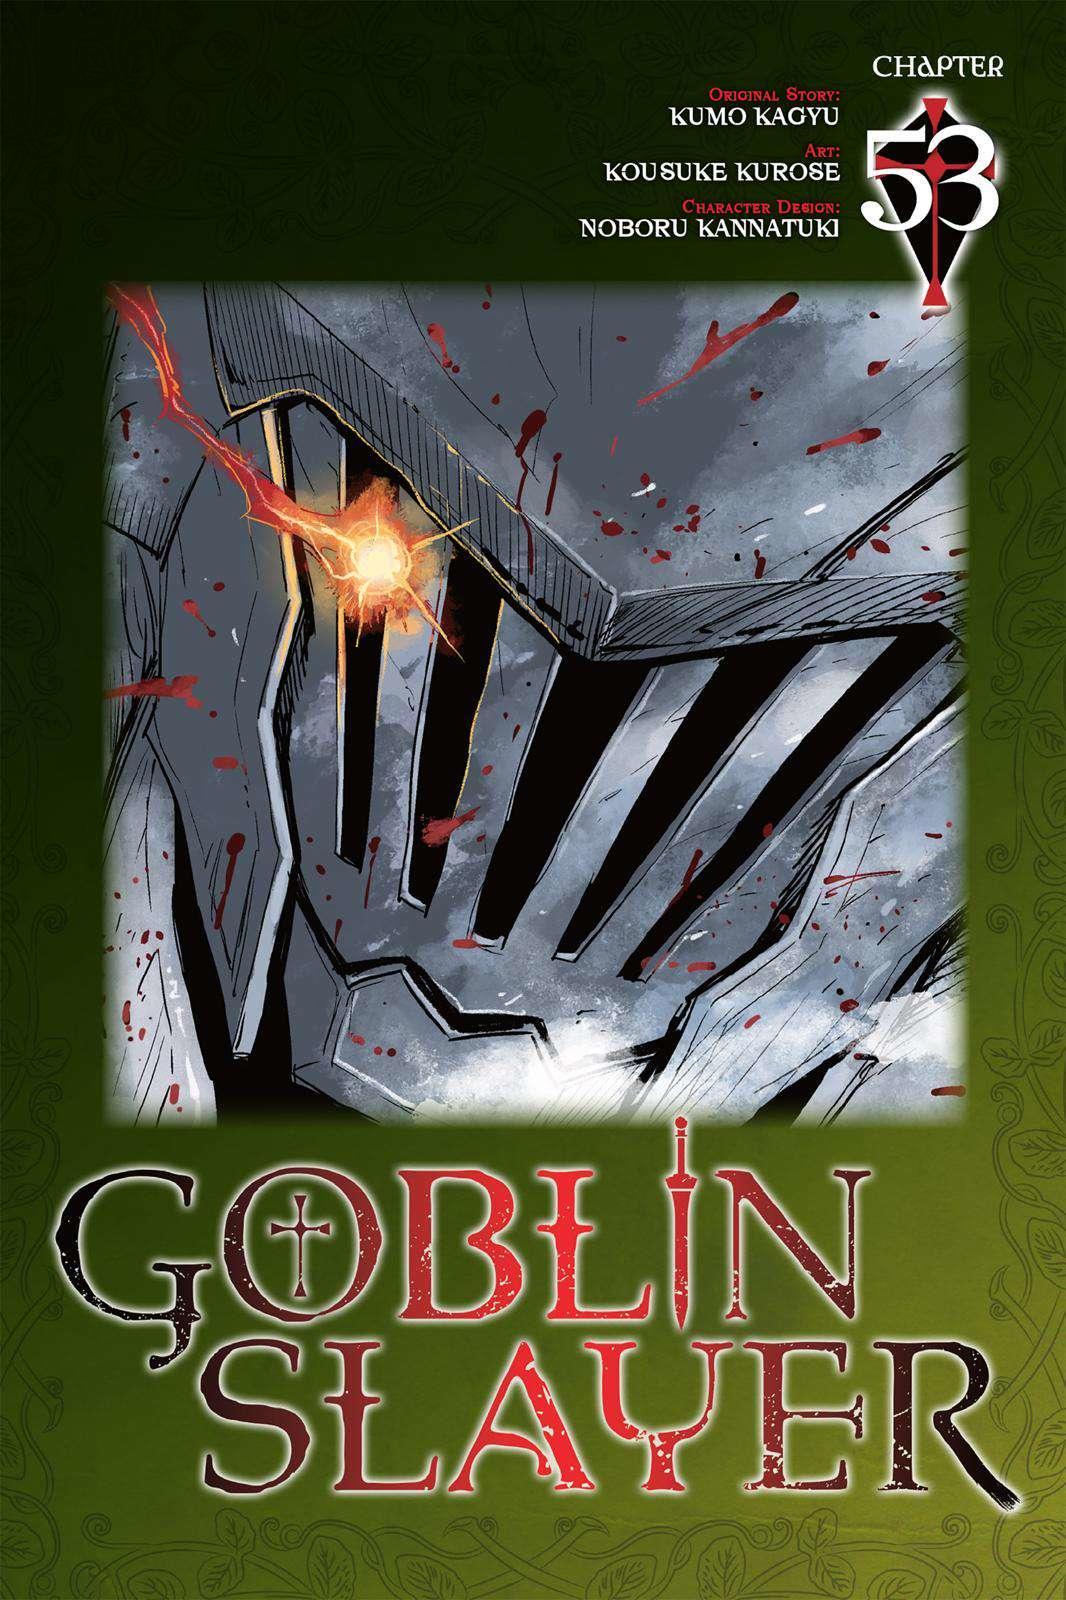 Goblin Slayer Chapter 53 page 1 - Mangakakalot